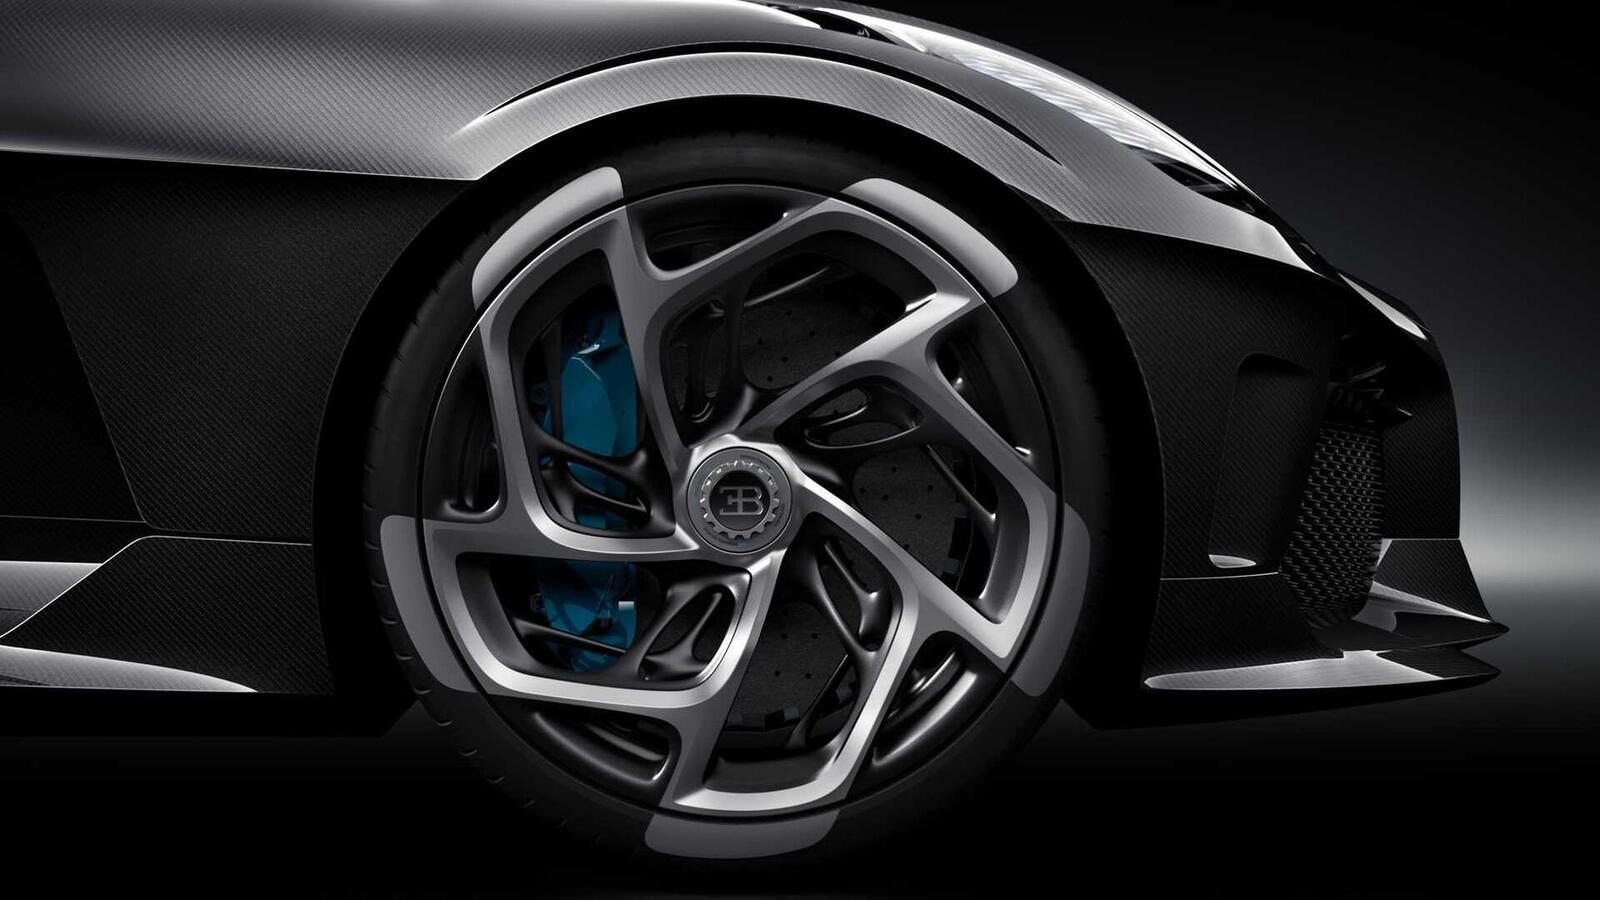 [GMS2019] Siêu phẩm Bugatti La Voatio Noire ra mắt: Chỉ một chiếc được sản xuất; giá hơn 259 tỷ đồng - Hình 18